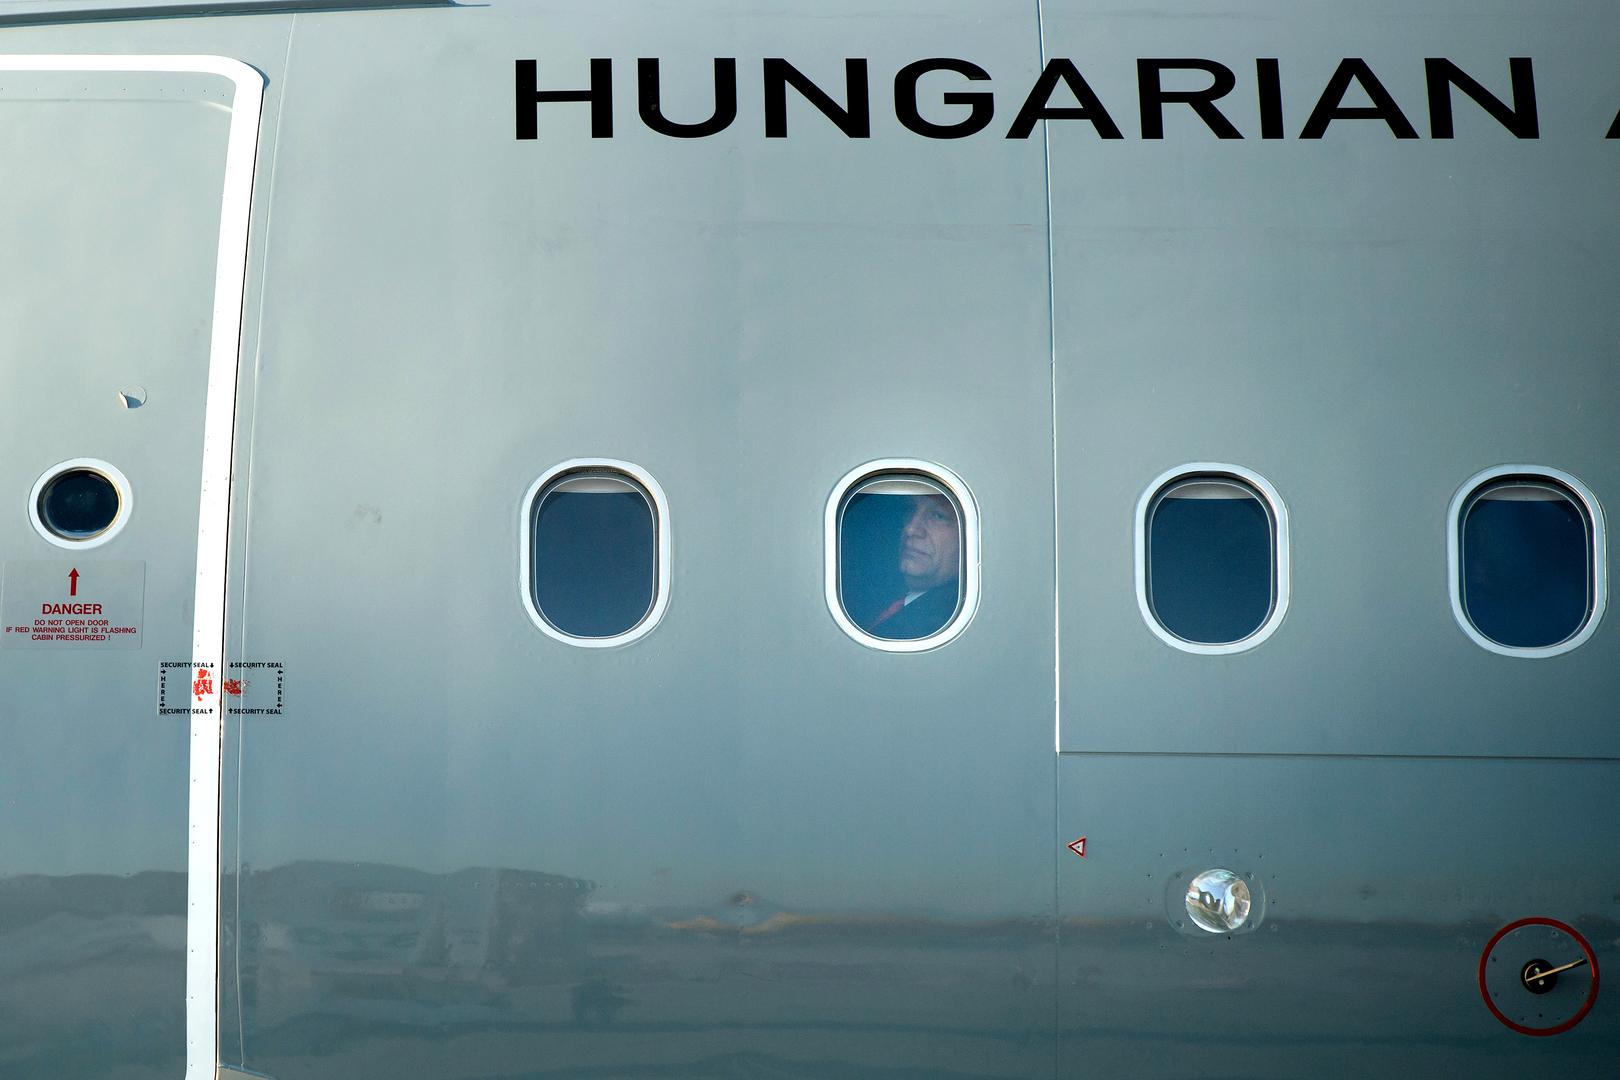 Hír-, eseményfotó<br />2. díj: Koszticsák Szilárd (MTI/MTVA): Látogató<br /><br />Fotó: Orbán Viktor miniszterelnök a honvédség szállító repülőgépének fedélzetén, amikor megérkezik Izraelbe július 18-án. Az utazás komoly belpolitikai vitát váltott ki azzal, hogy katonai gépet használt hivatalos látogatásához.